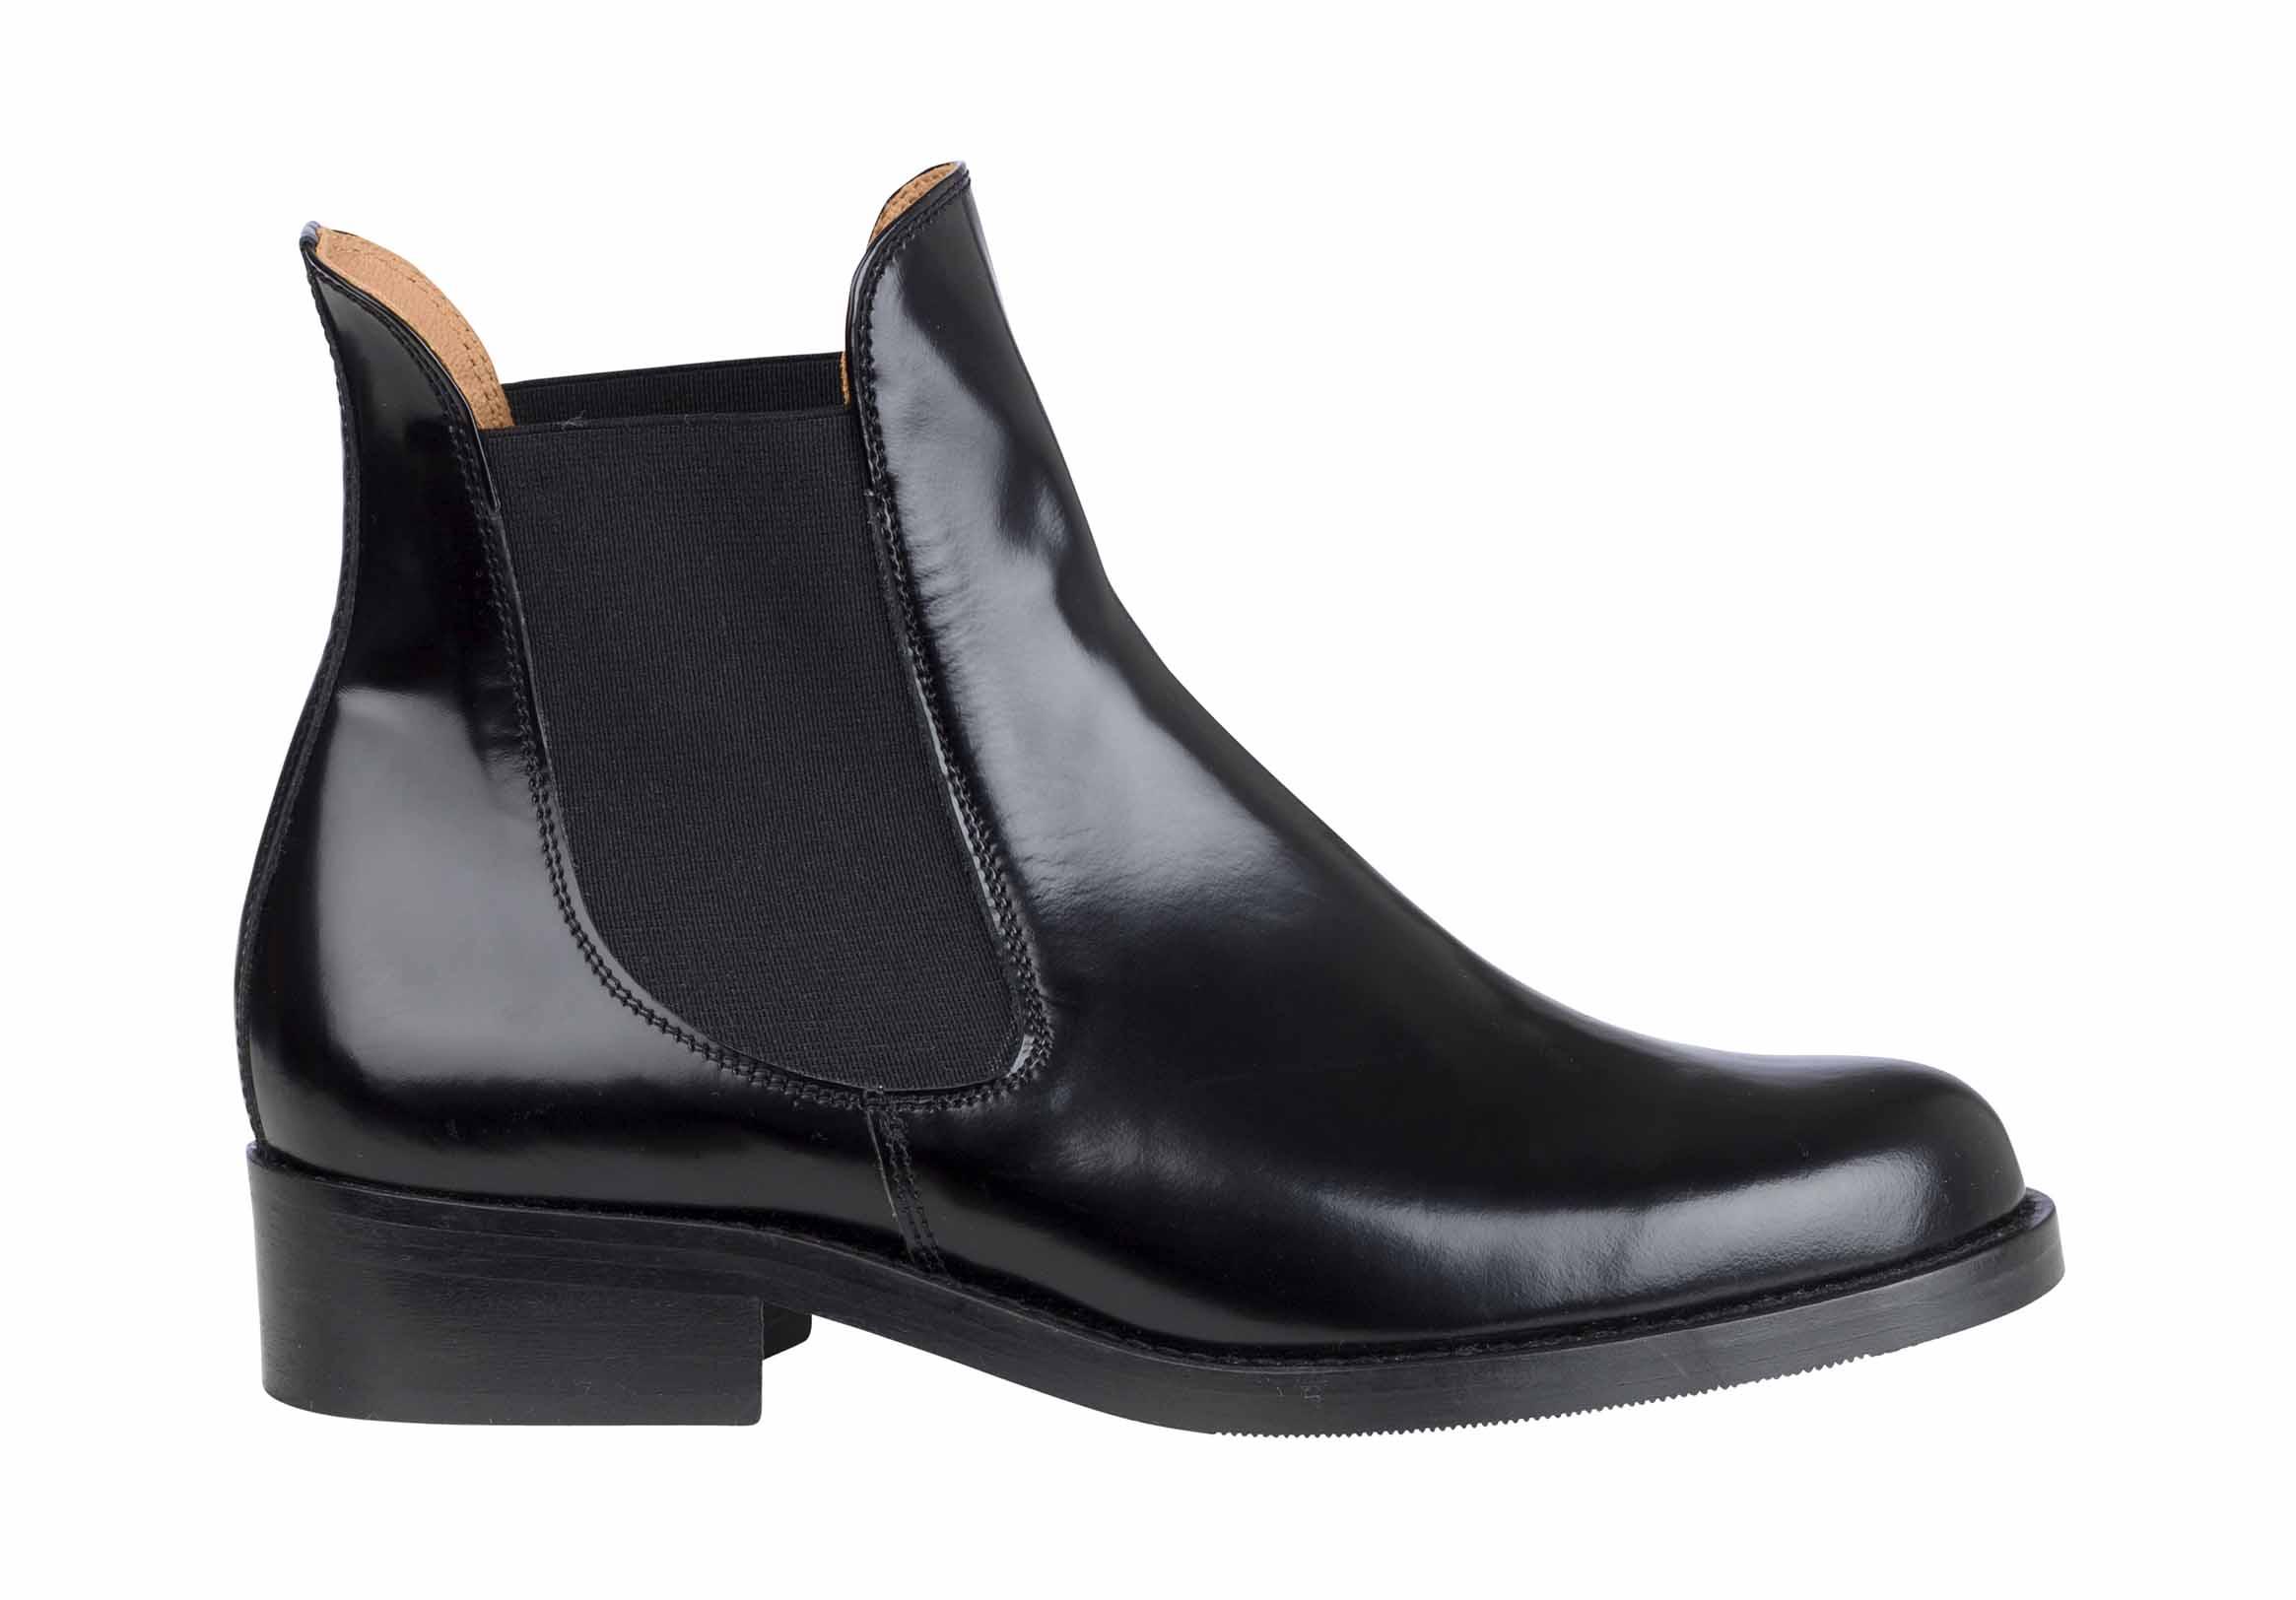 Billede af Ganni ankel støvle, S0429 Black